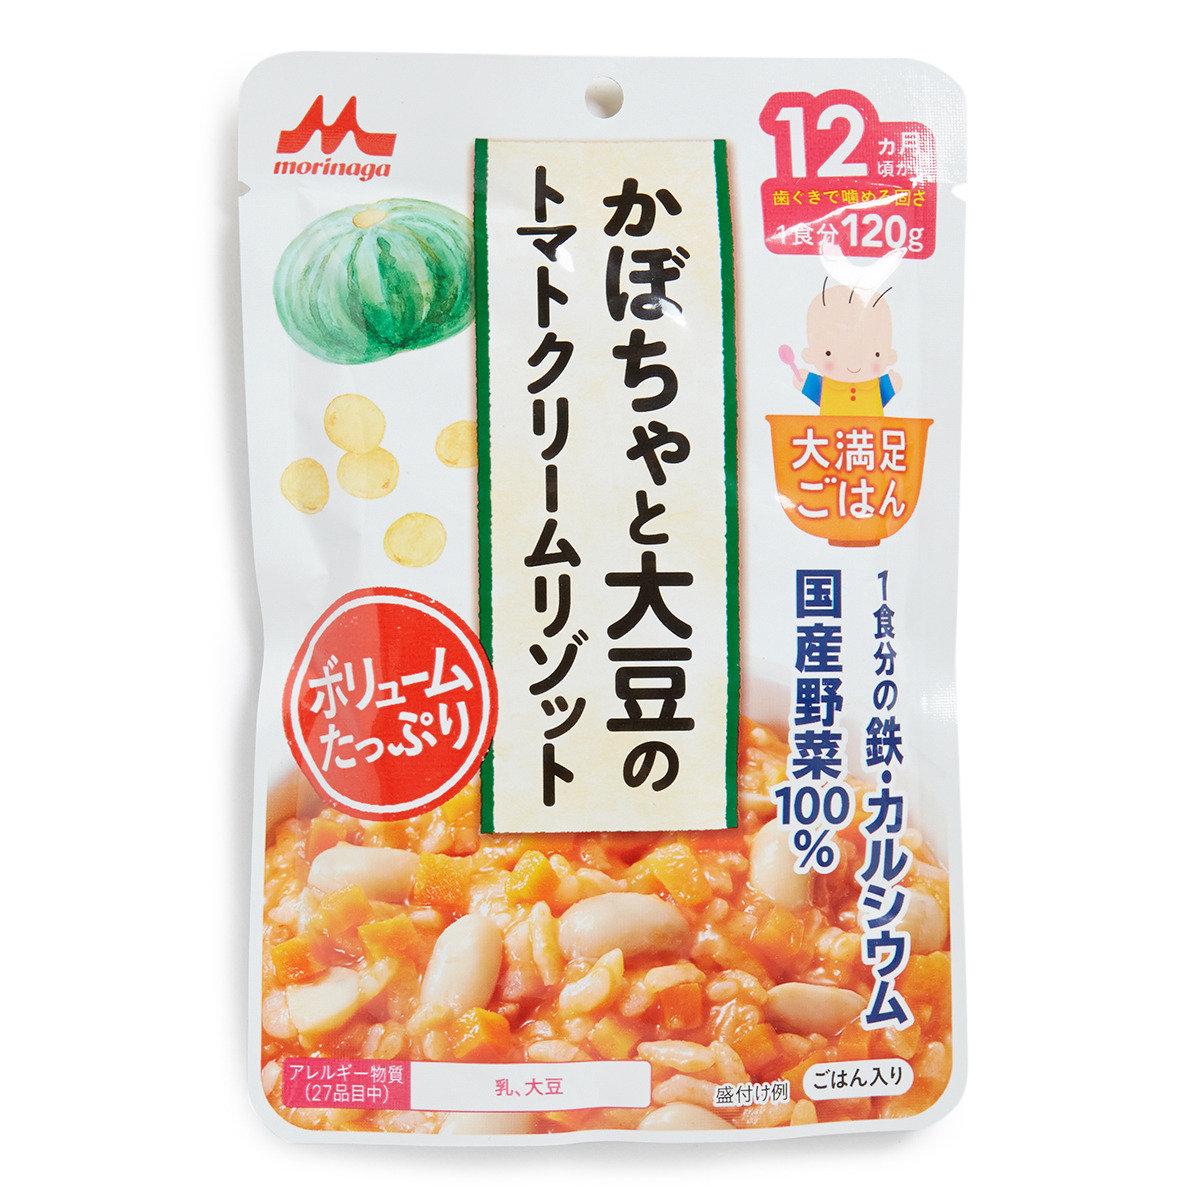 南瓜大豆番茄忌廉汁意大利燴飯